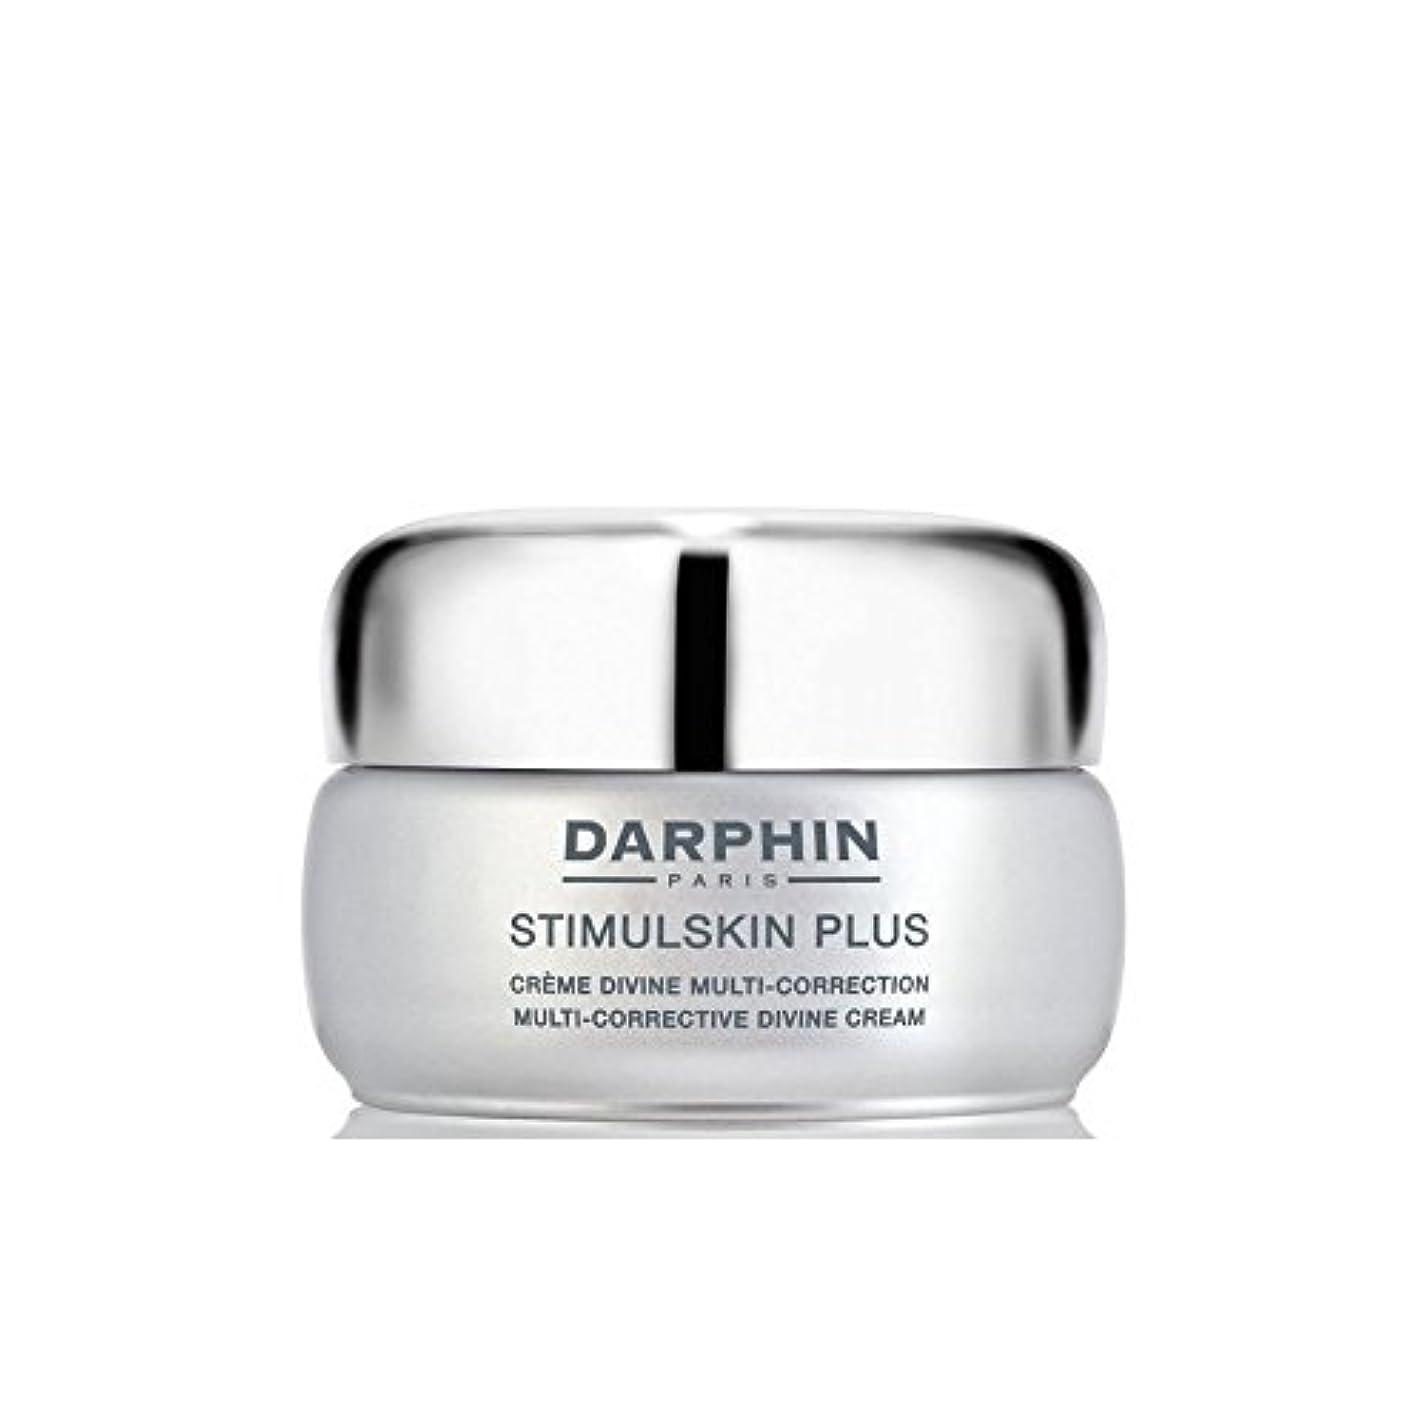 タブレット猛烈な風変わりなダルファンスティプラスマルチ是正神のクリーム x4 - Darphin Stimulskin Plus Multi-Corrective Divine Cream (Pack of 4) [並行輸入品]